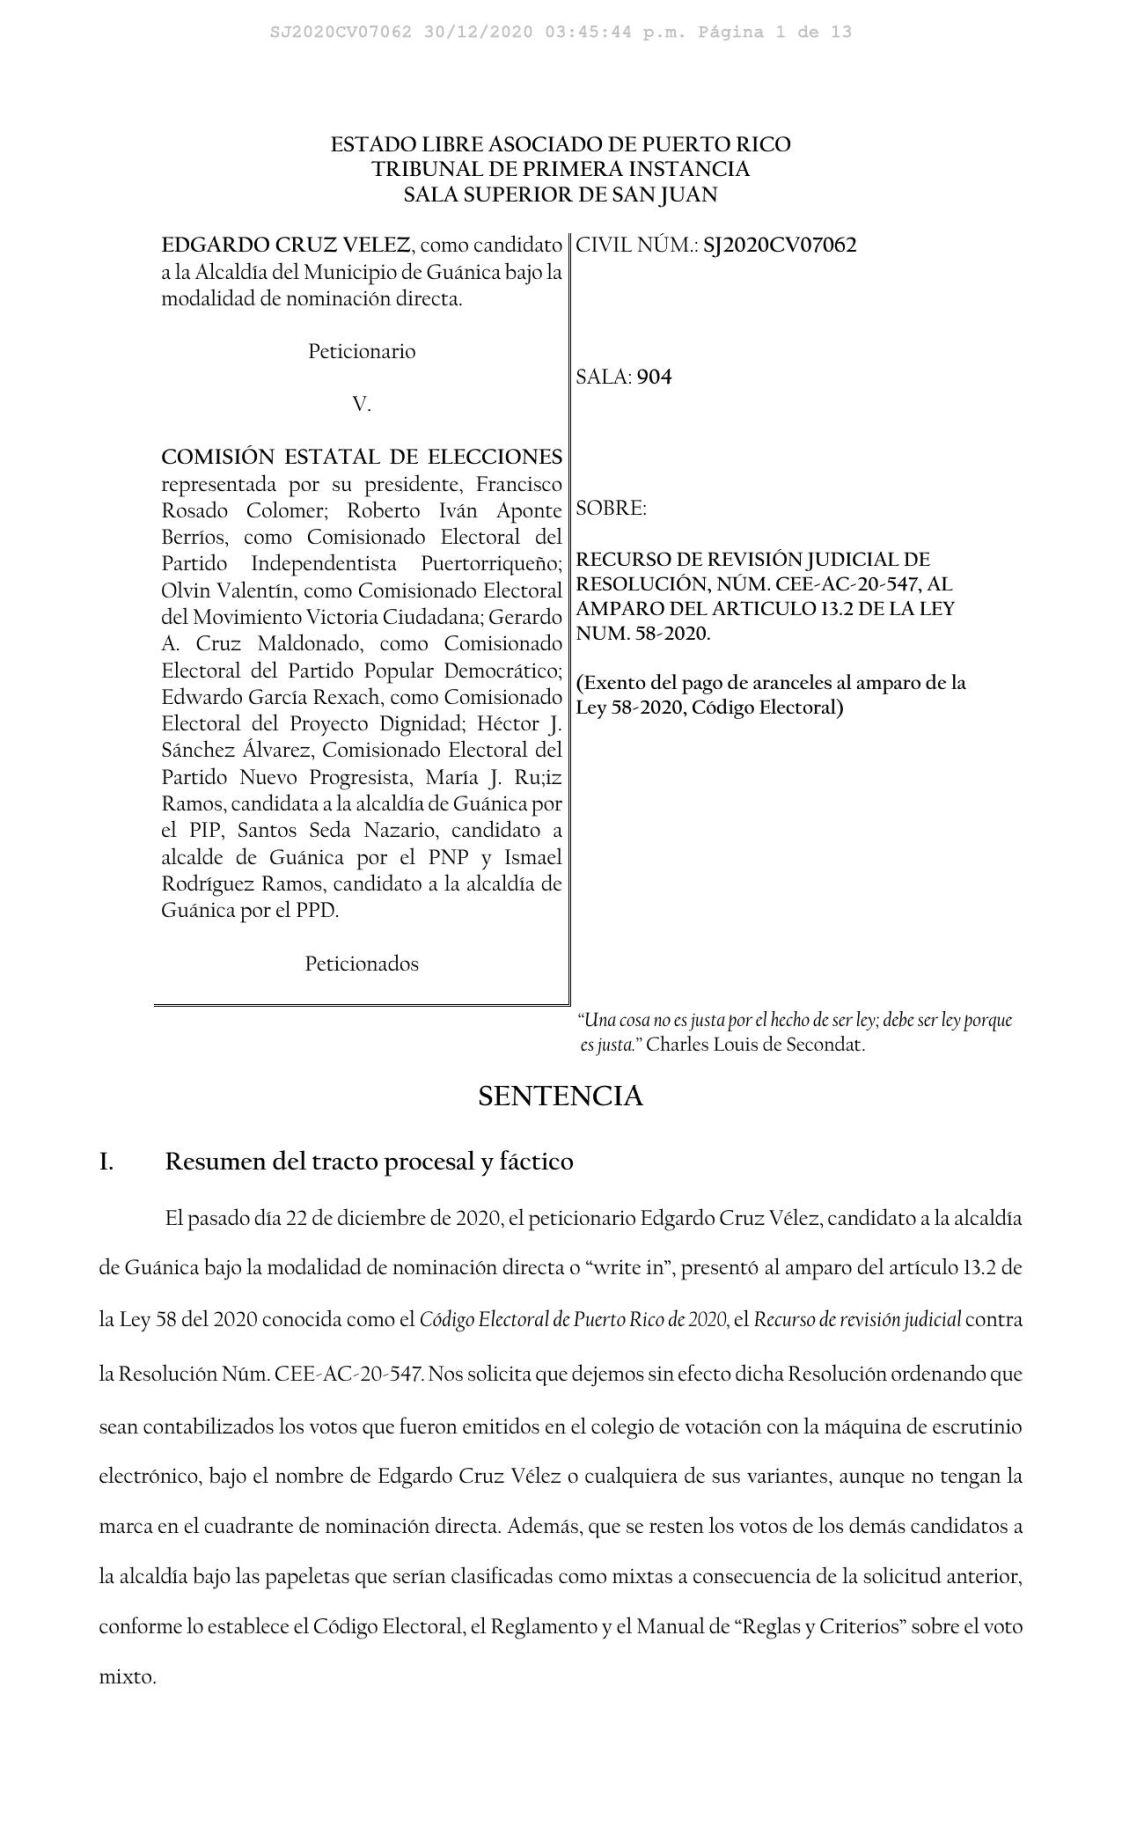 Sentencia caso candidato alcalde Guánica